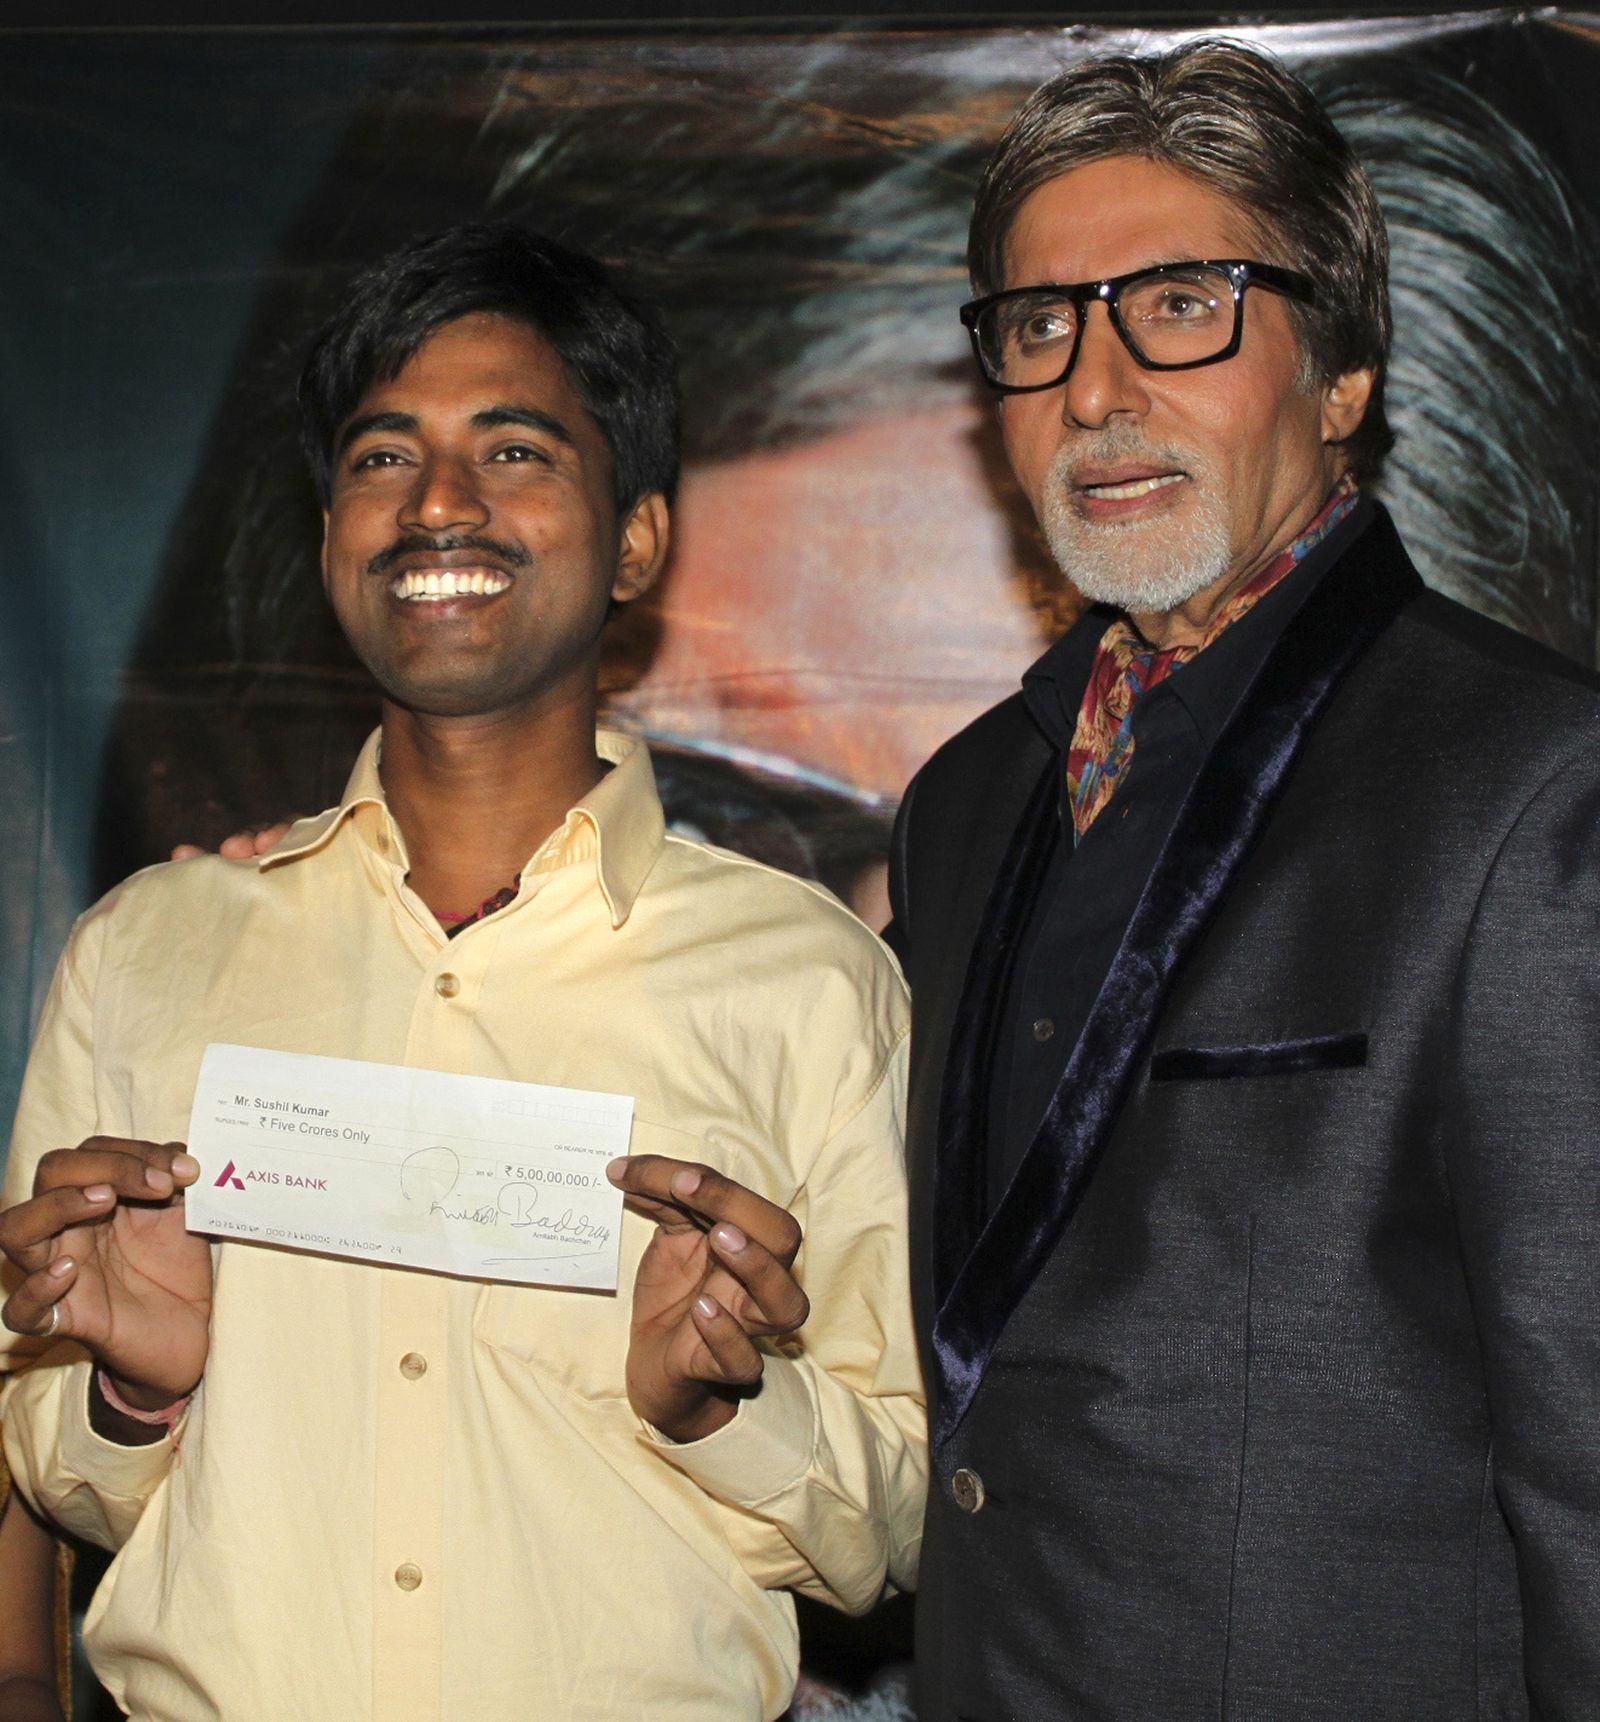 Sushil Kumar / Wer wird Millionär / Indien